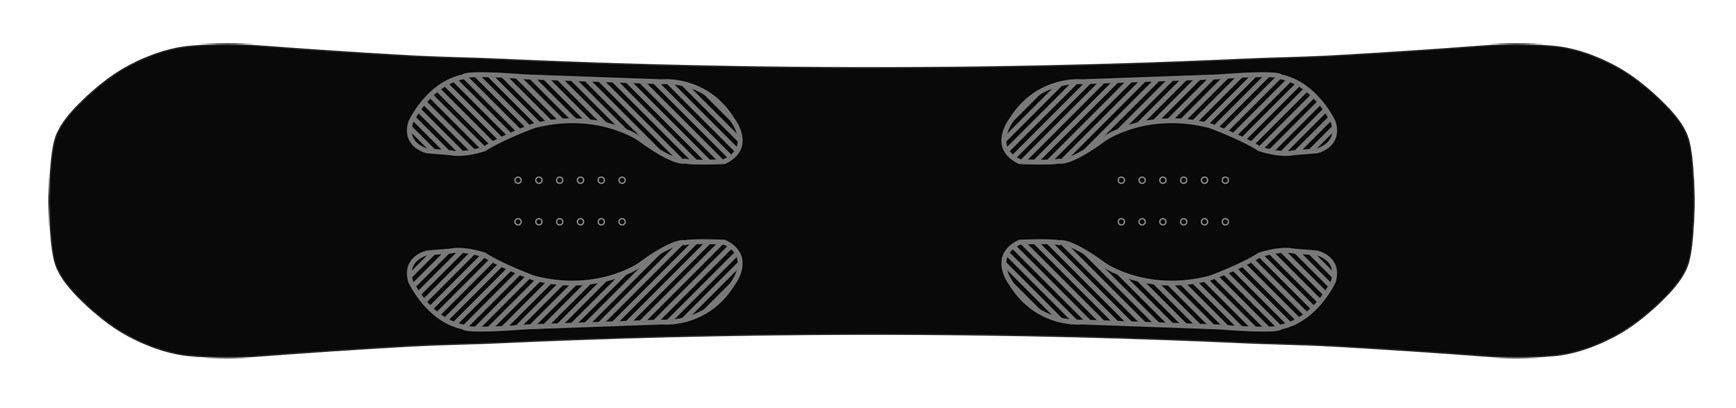 Der Bereich unter den Bindungen ist immensem Druck ausgesetzt. Rome hat unter die Ecken der Bindungsbereiche Basalt-Platten zur Verstärkung eingefügt, um die Kompression, die durch die Bindungen verursacht wird, zu verringern.